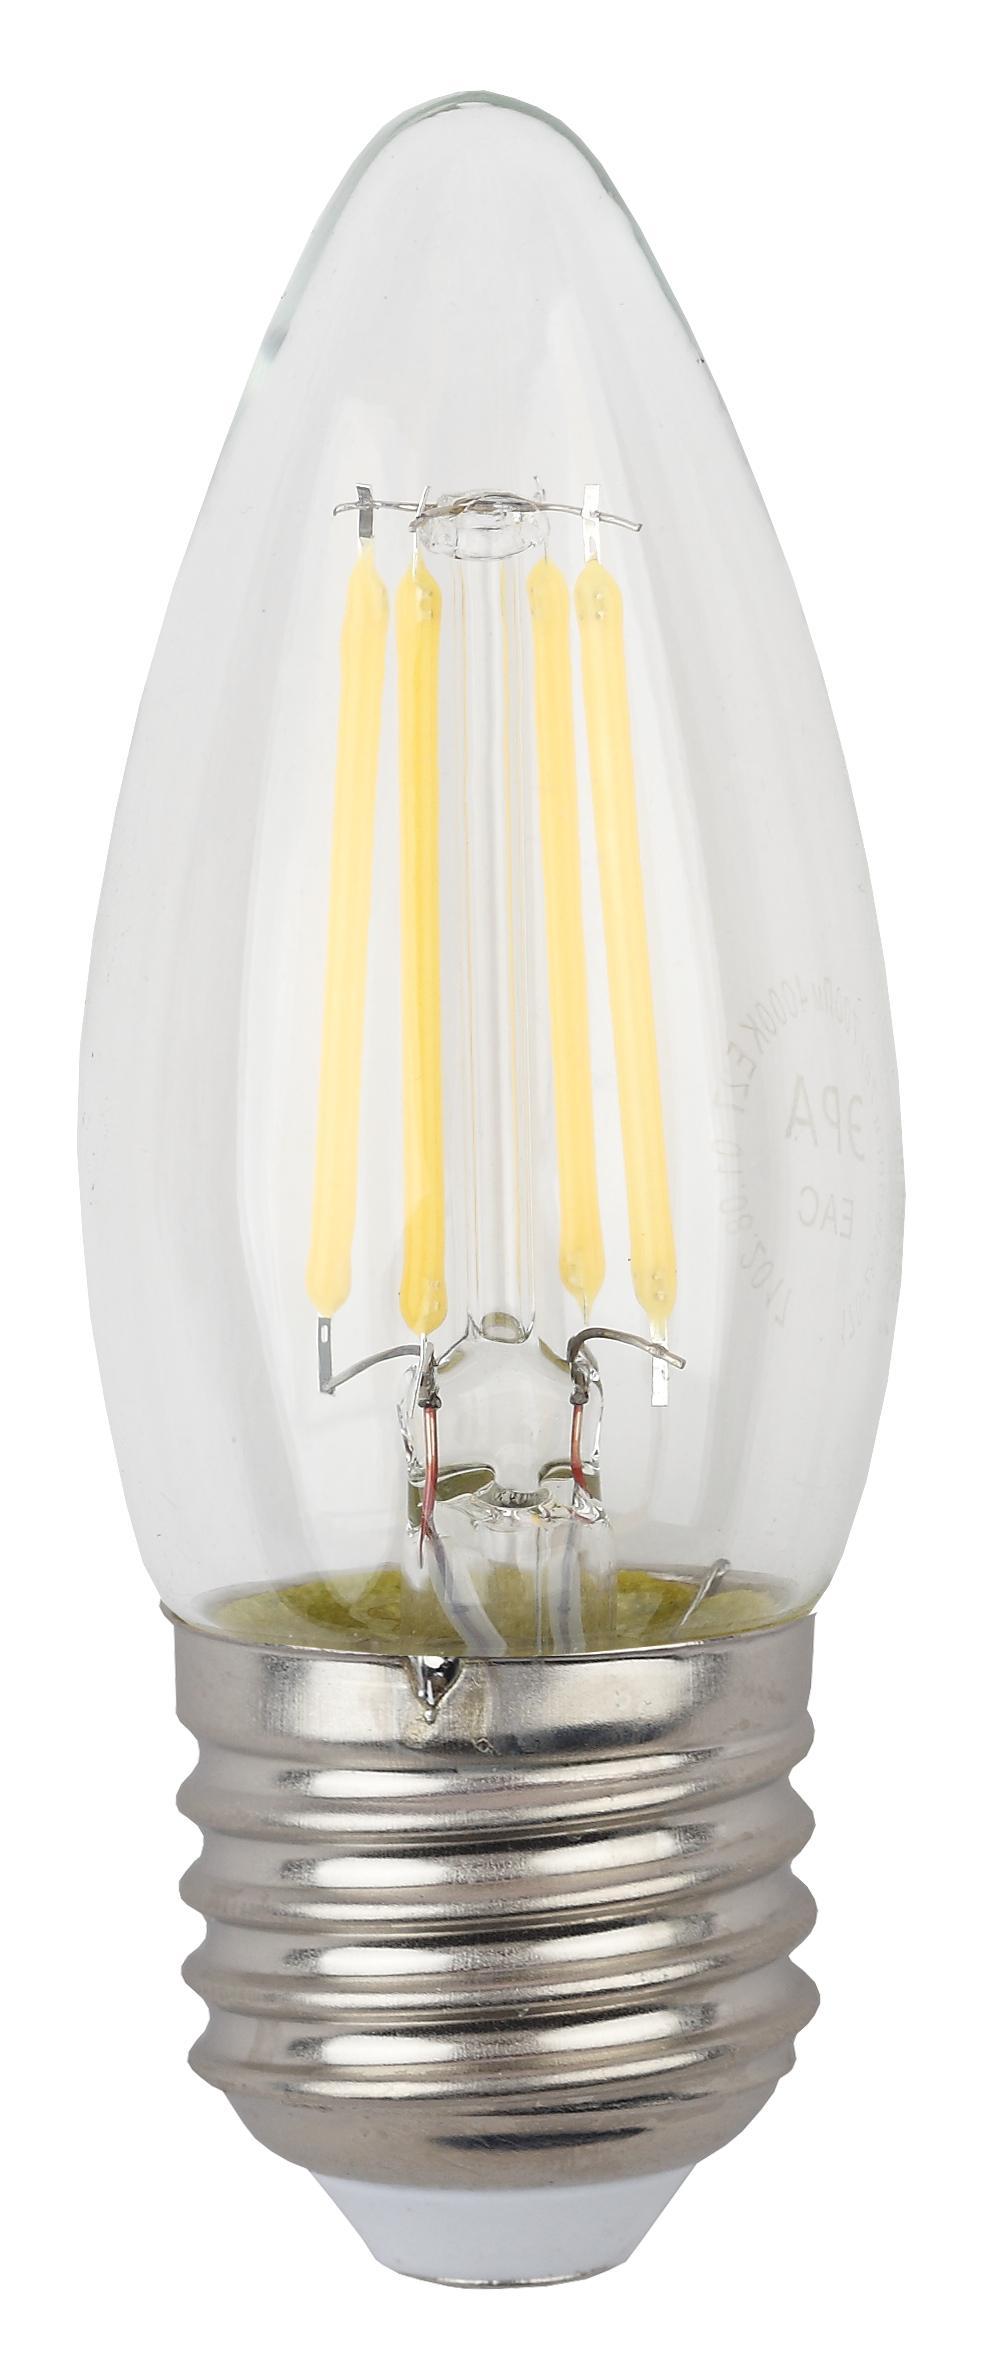 Лампа светодиодная ЭРА F-led b35-7w-840-e27